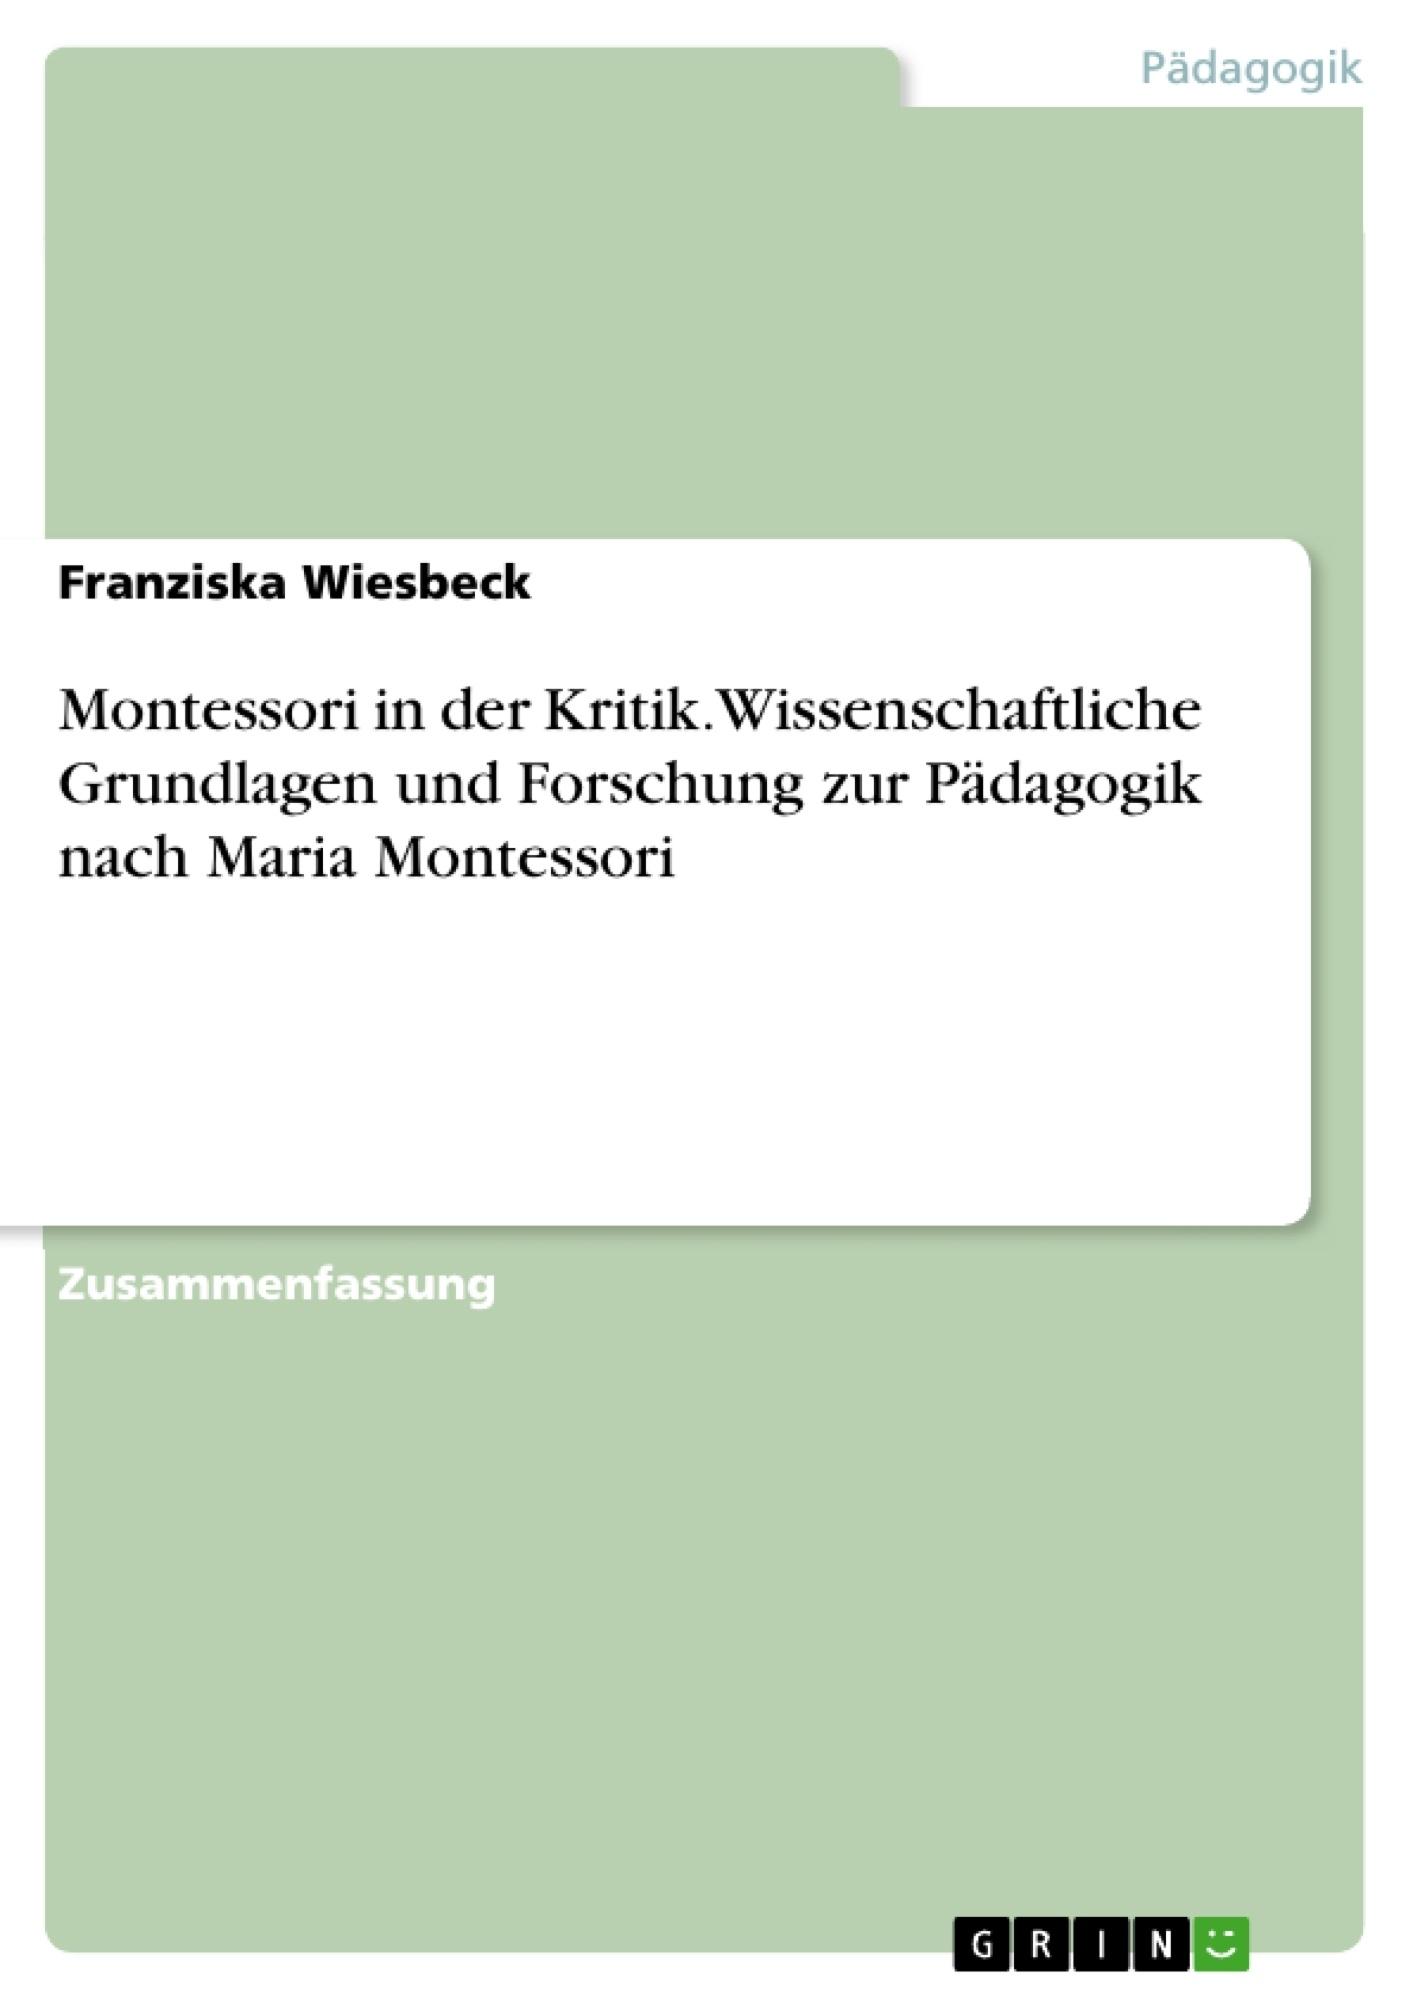 Titel: Montessori in der Kritik. Wissenschaftliche Grundlagen und Forschung zur Pädagogik nach Maria Montessori